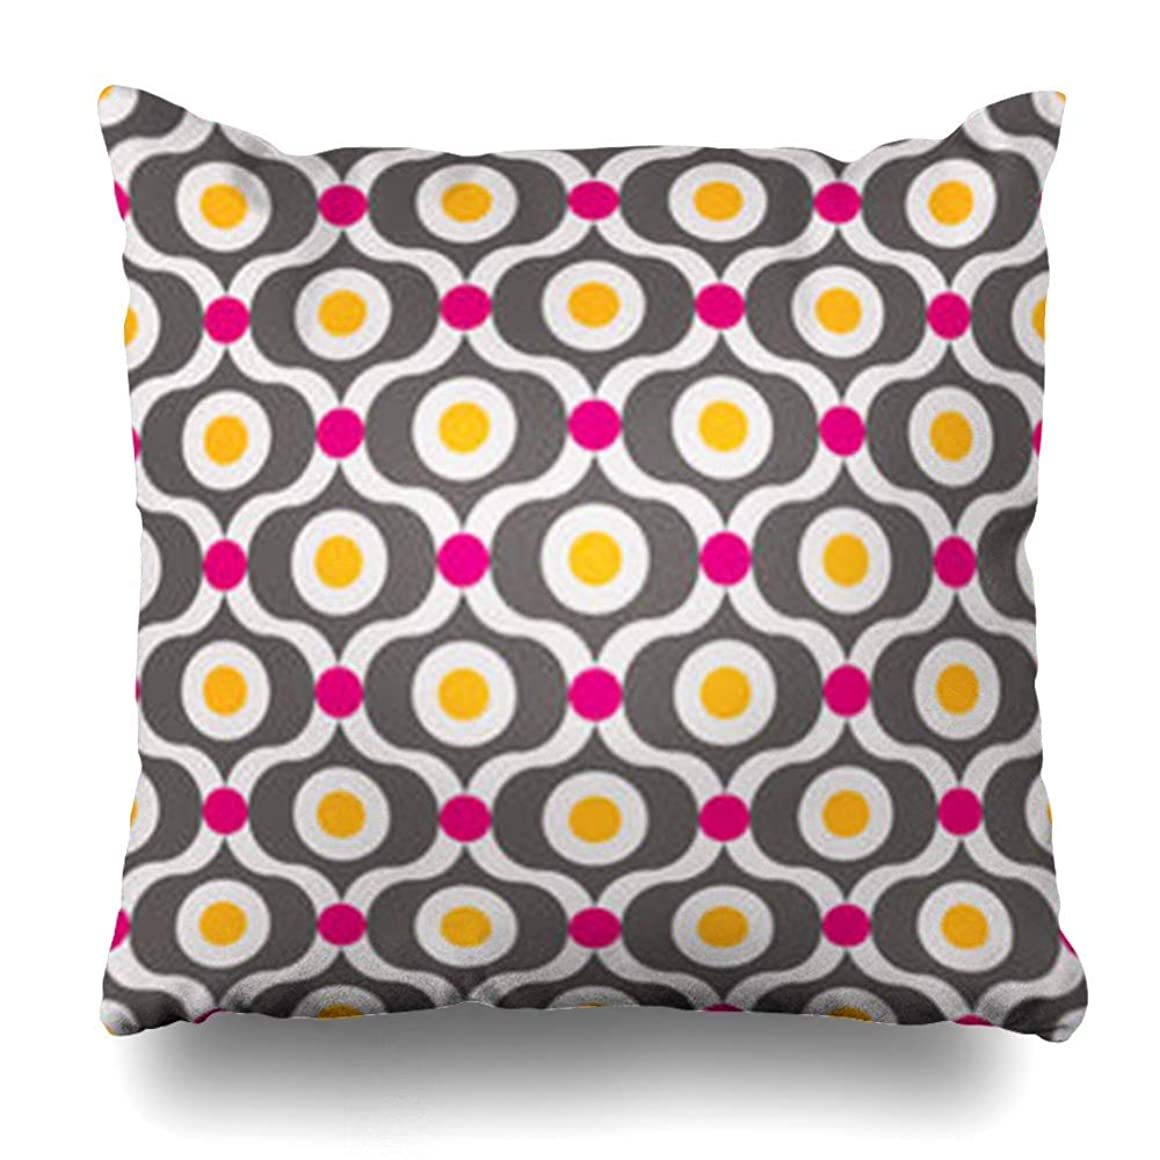 桃奨学金あいにく枕カバー明るい紫色の男性的な厳格なパターン幾何学的39抽象赤ネクタイ幾何学的な格子縞キャビン家の装飾ソファ枕カバースクエアサイズ18 * 18インチクッションケース